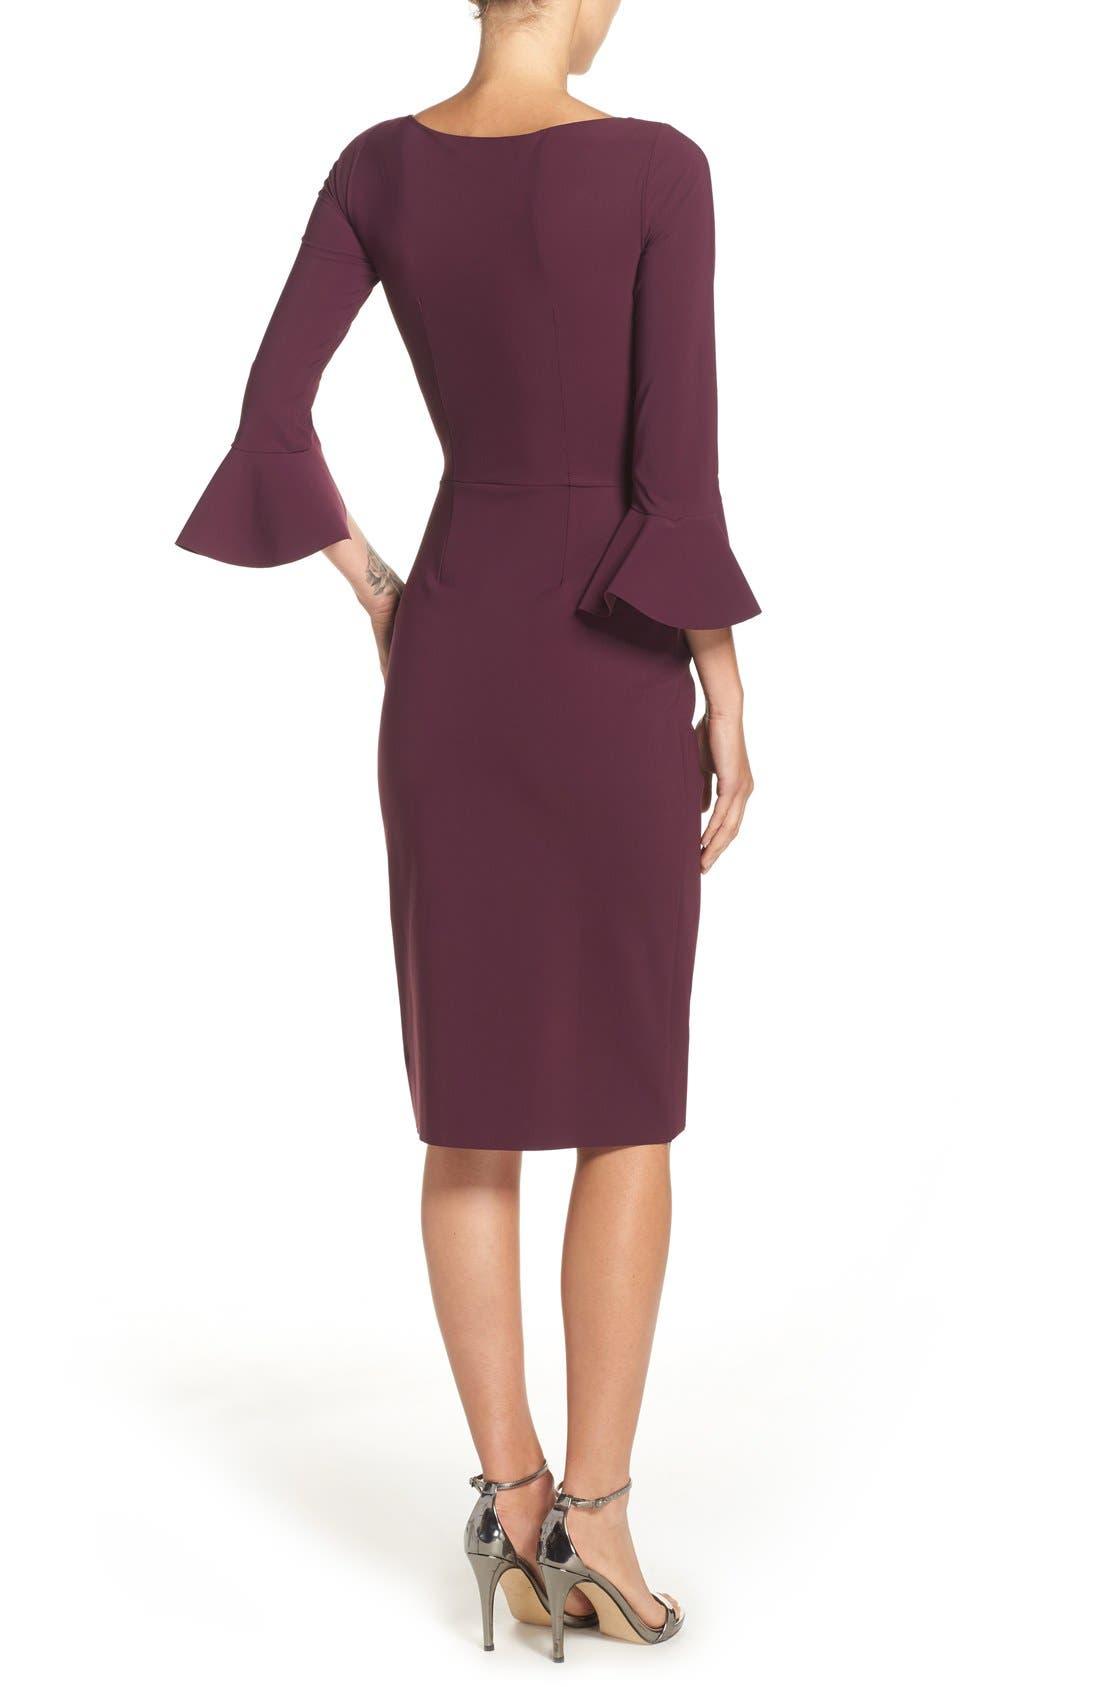 CHIARA BONI LA PETITE ROBE,                             'Triana' Jersey Sheath Dress,                             Alternate thumbnail 6, color,                             501